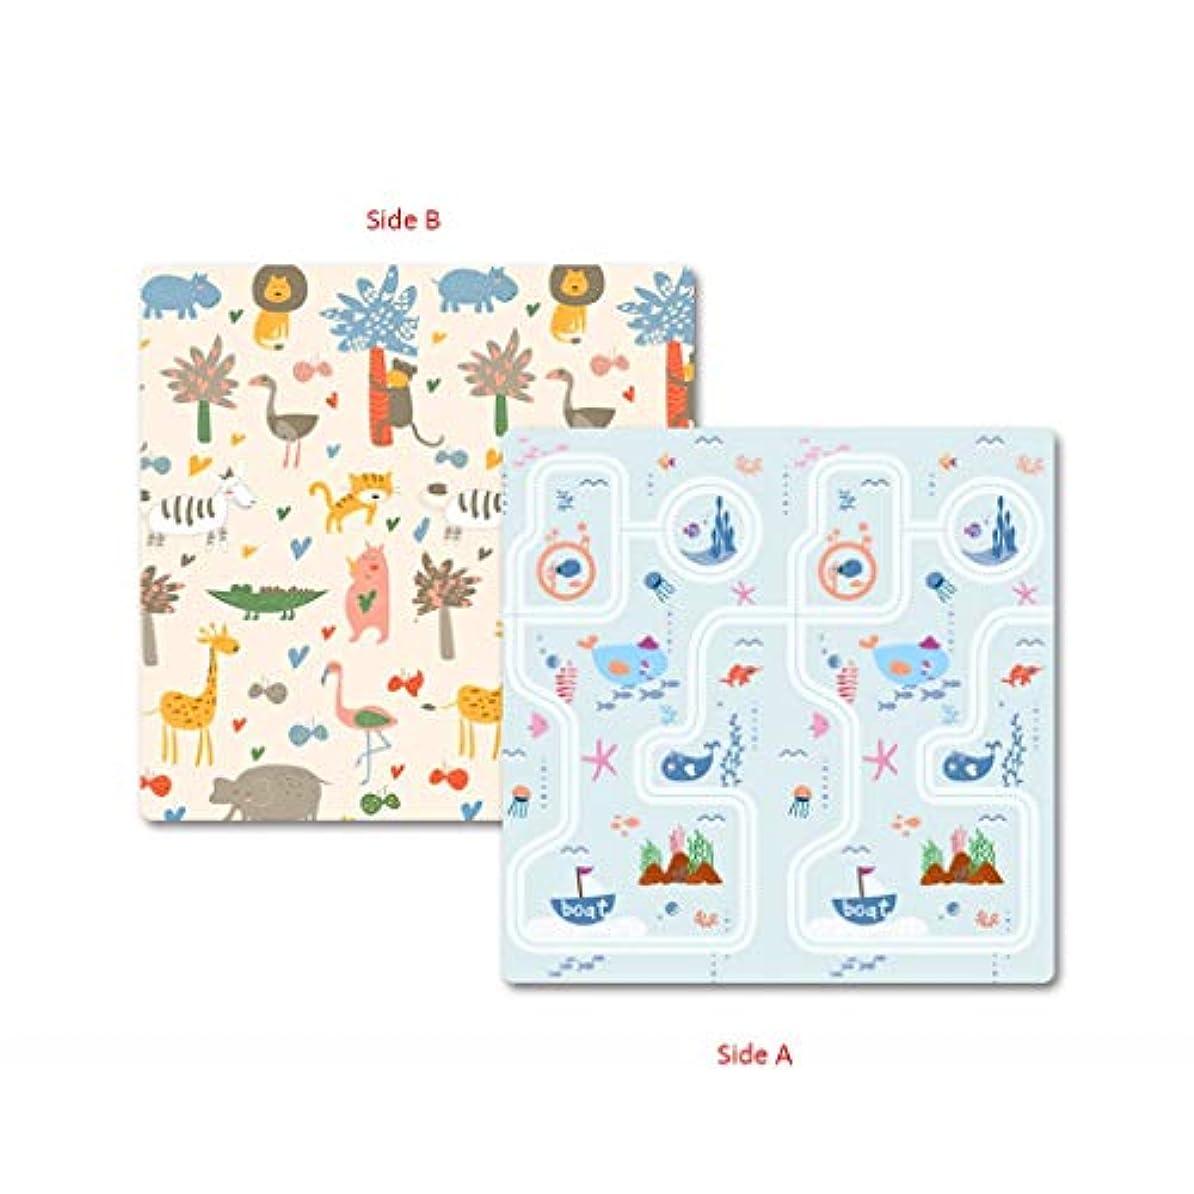 補足通行人自発的赤ちゃんプレイマット、厚い赤ちゃんクロールマット両面防水無毒シルクepeアンチスキッド子供プレイマットカーペット用赤ちゃん幼児子供 DITAN (Color : B, Size : 150x180x2cm)